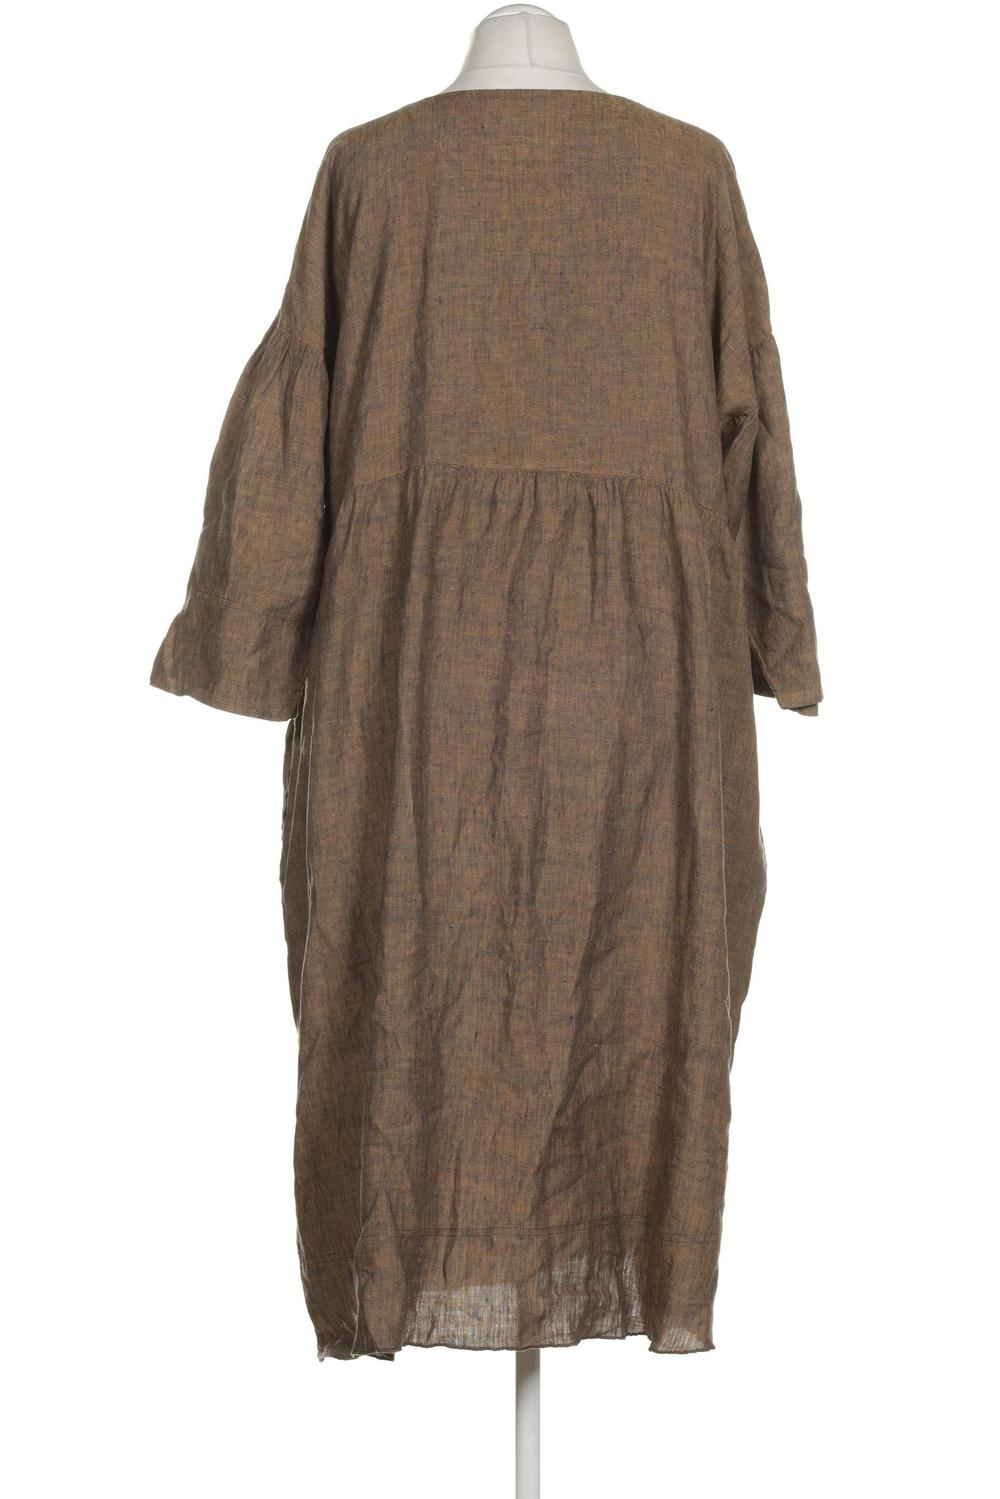 Gudrun Sjödén Damen Kleid INT XL Second Hand kaufen wpALu